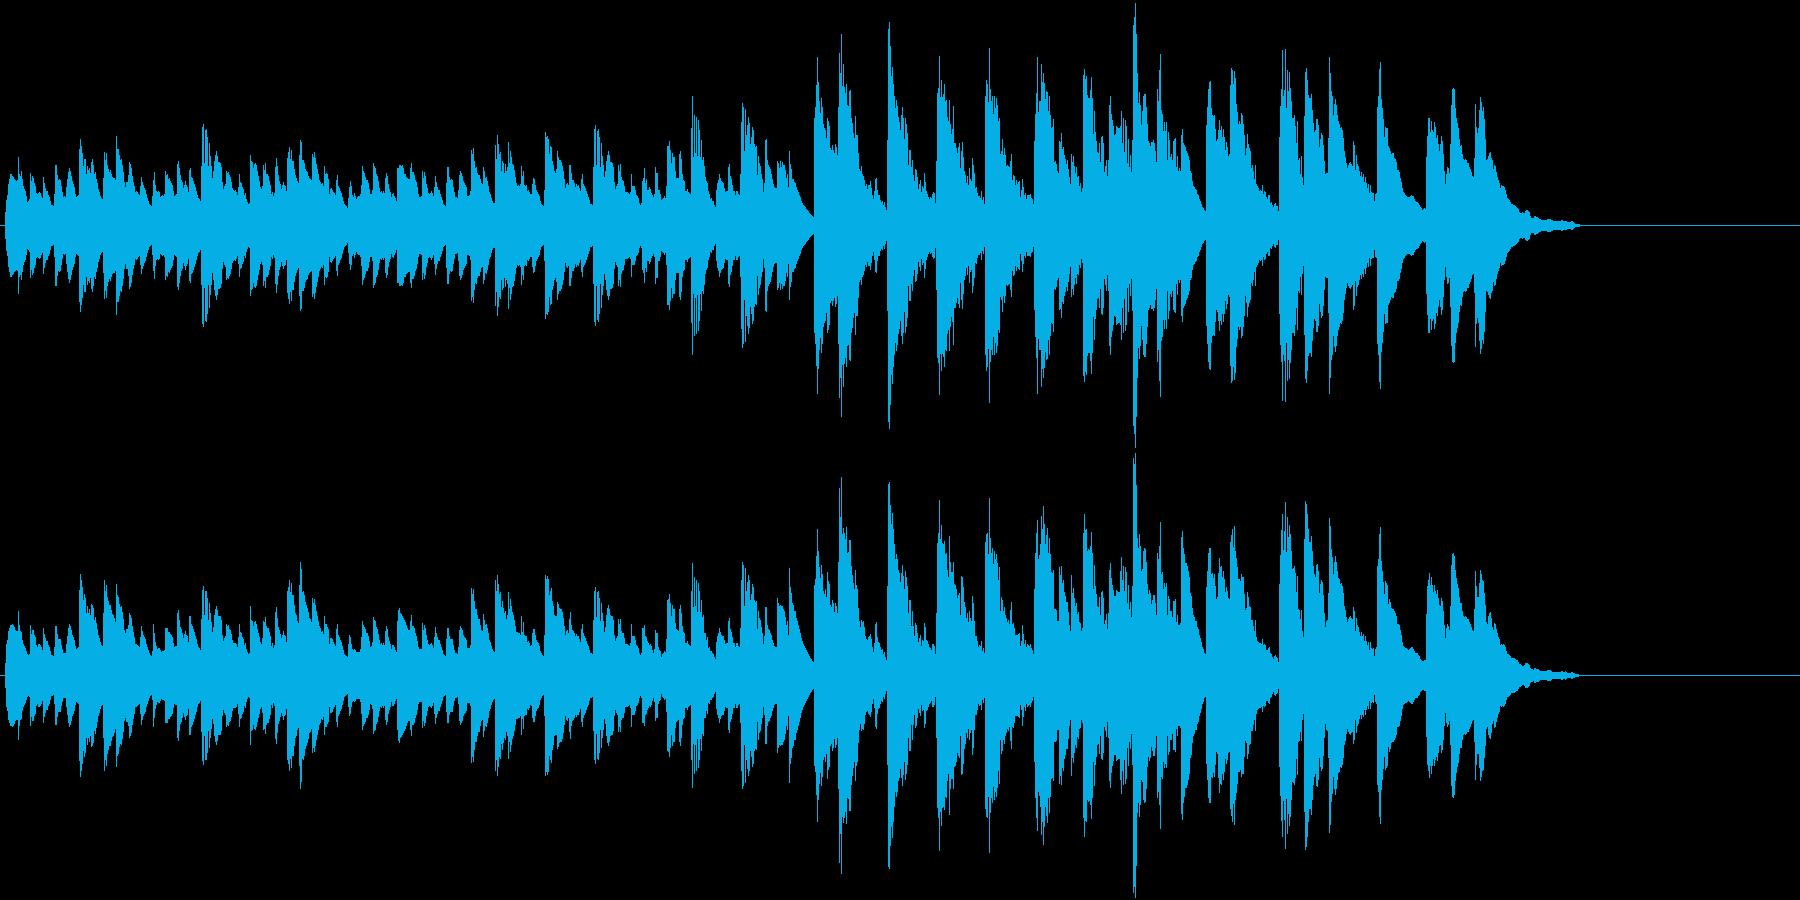 可愛らしいピアノ曲 練習曲風 明るいの再生済みの波形